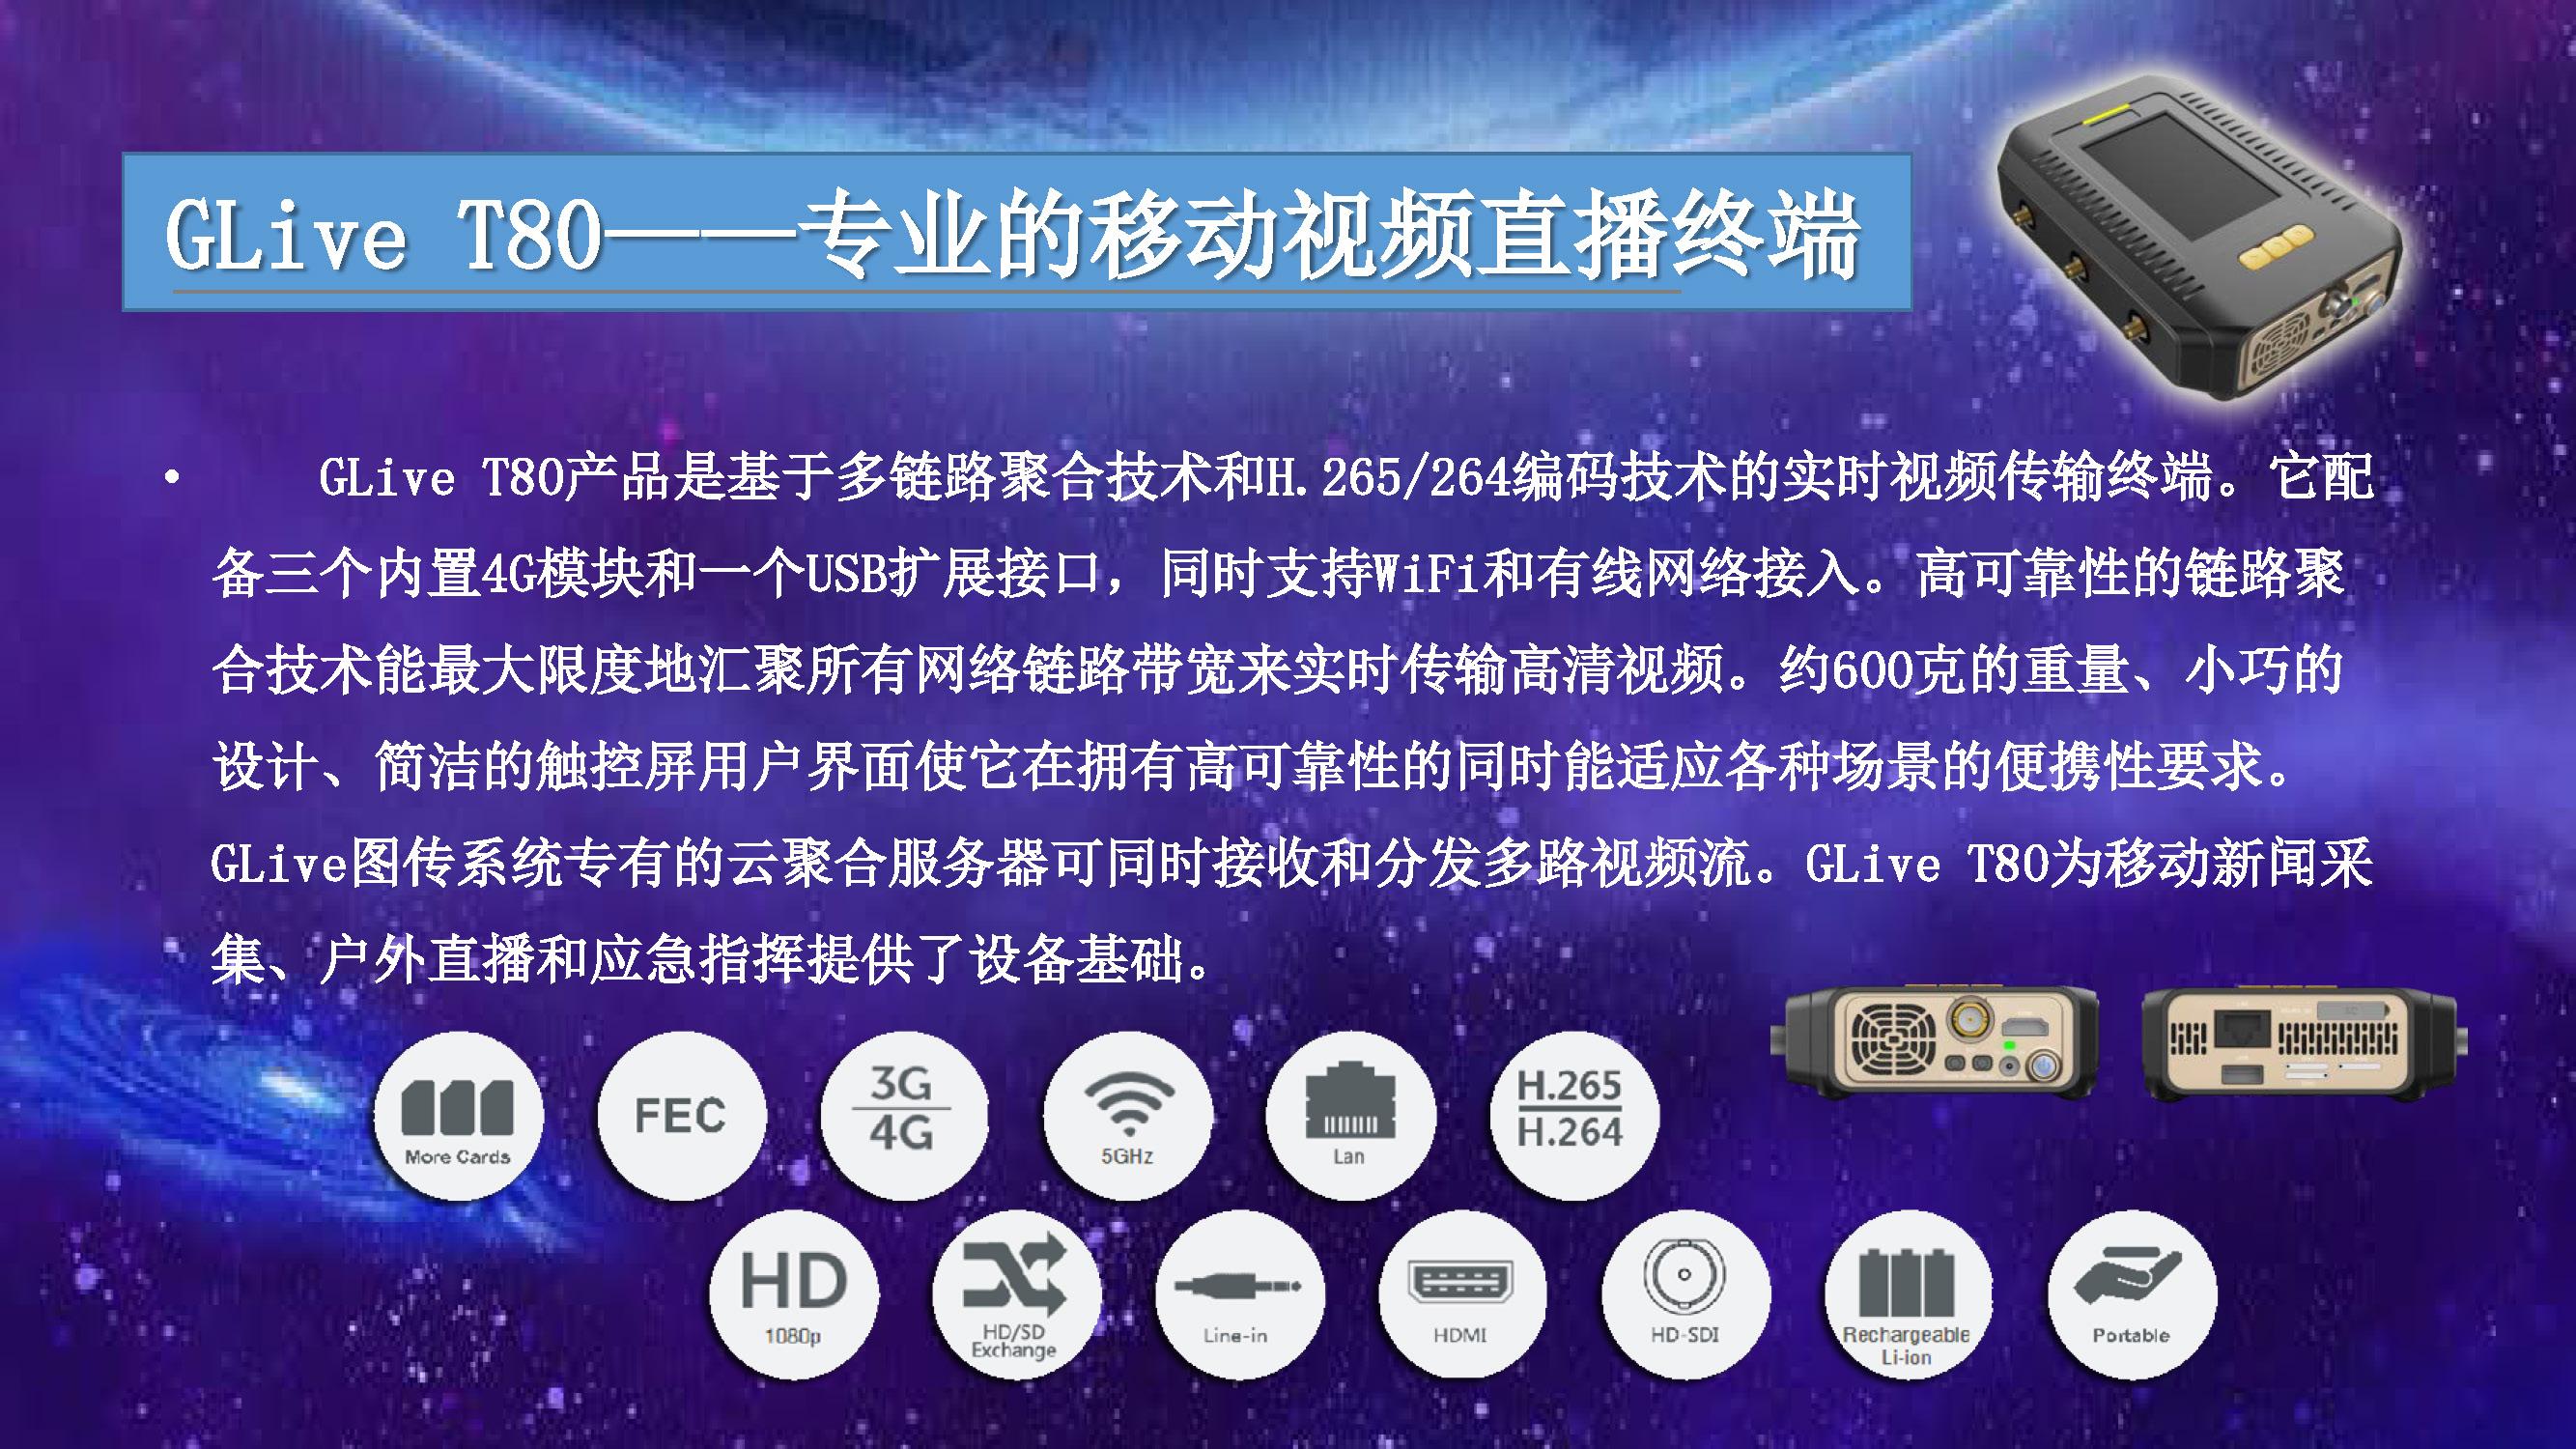 高视T802019-0411-修改版02_页面_02